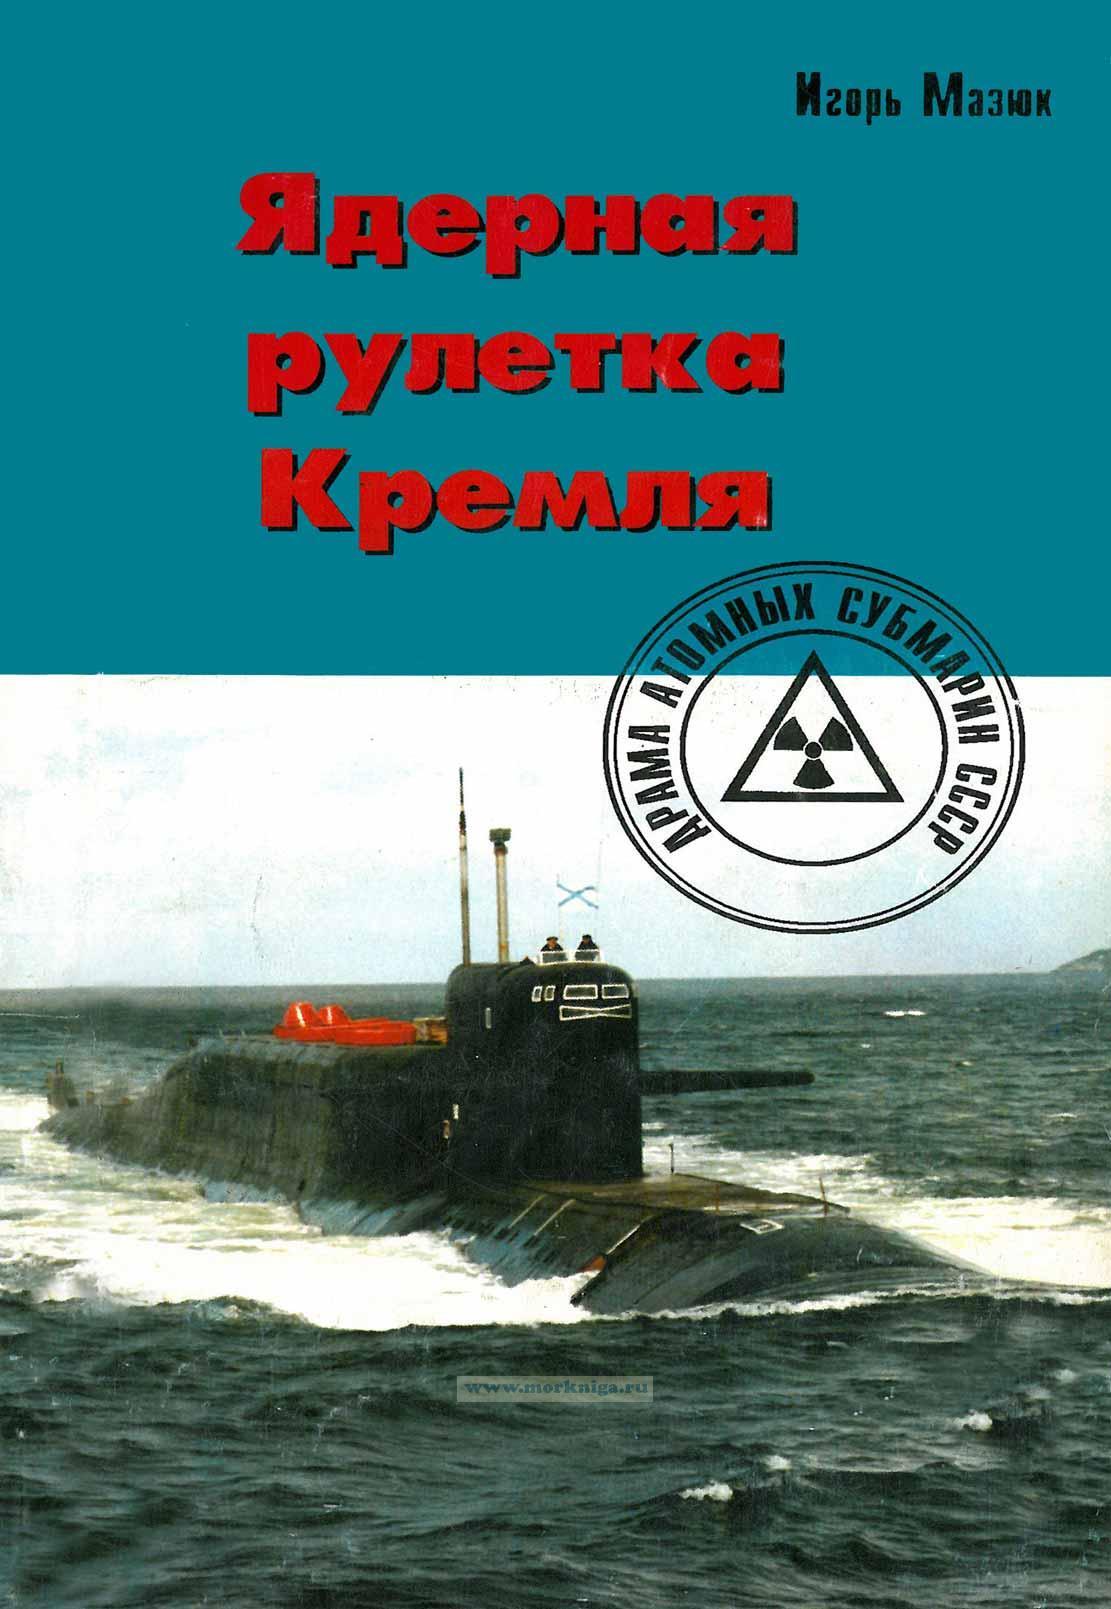 Ядерная рулетка Кремля